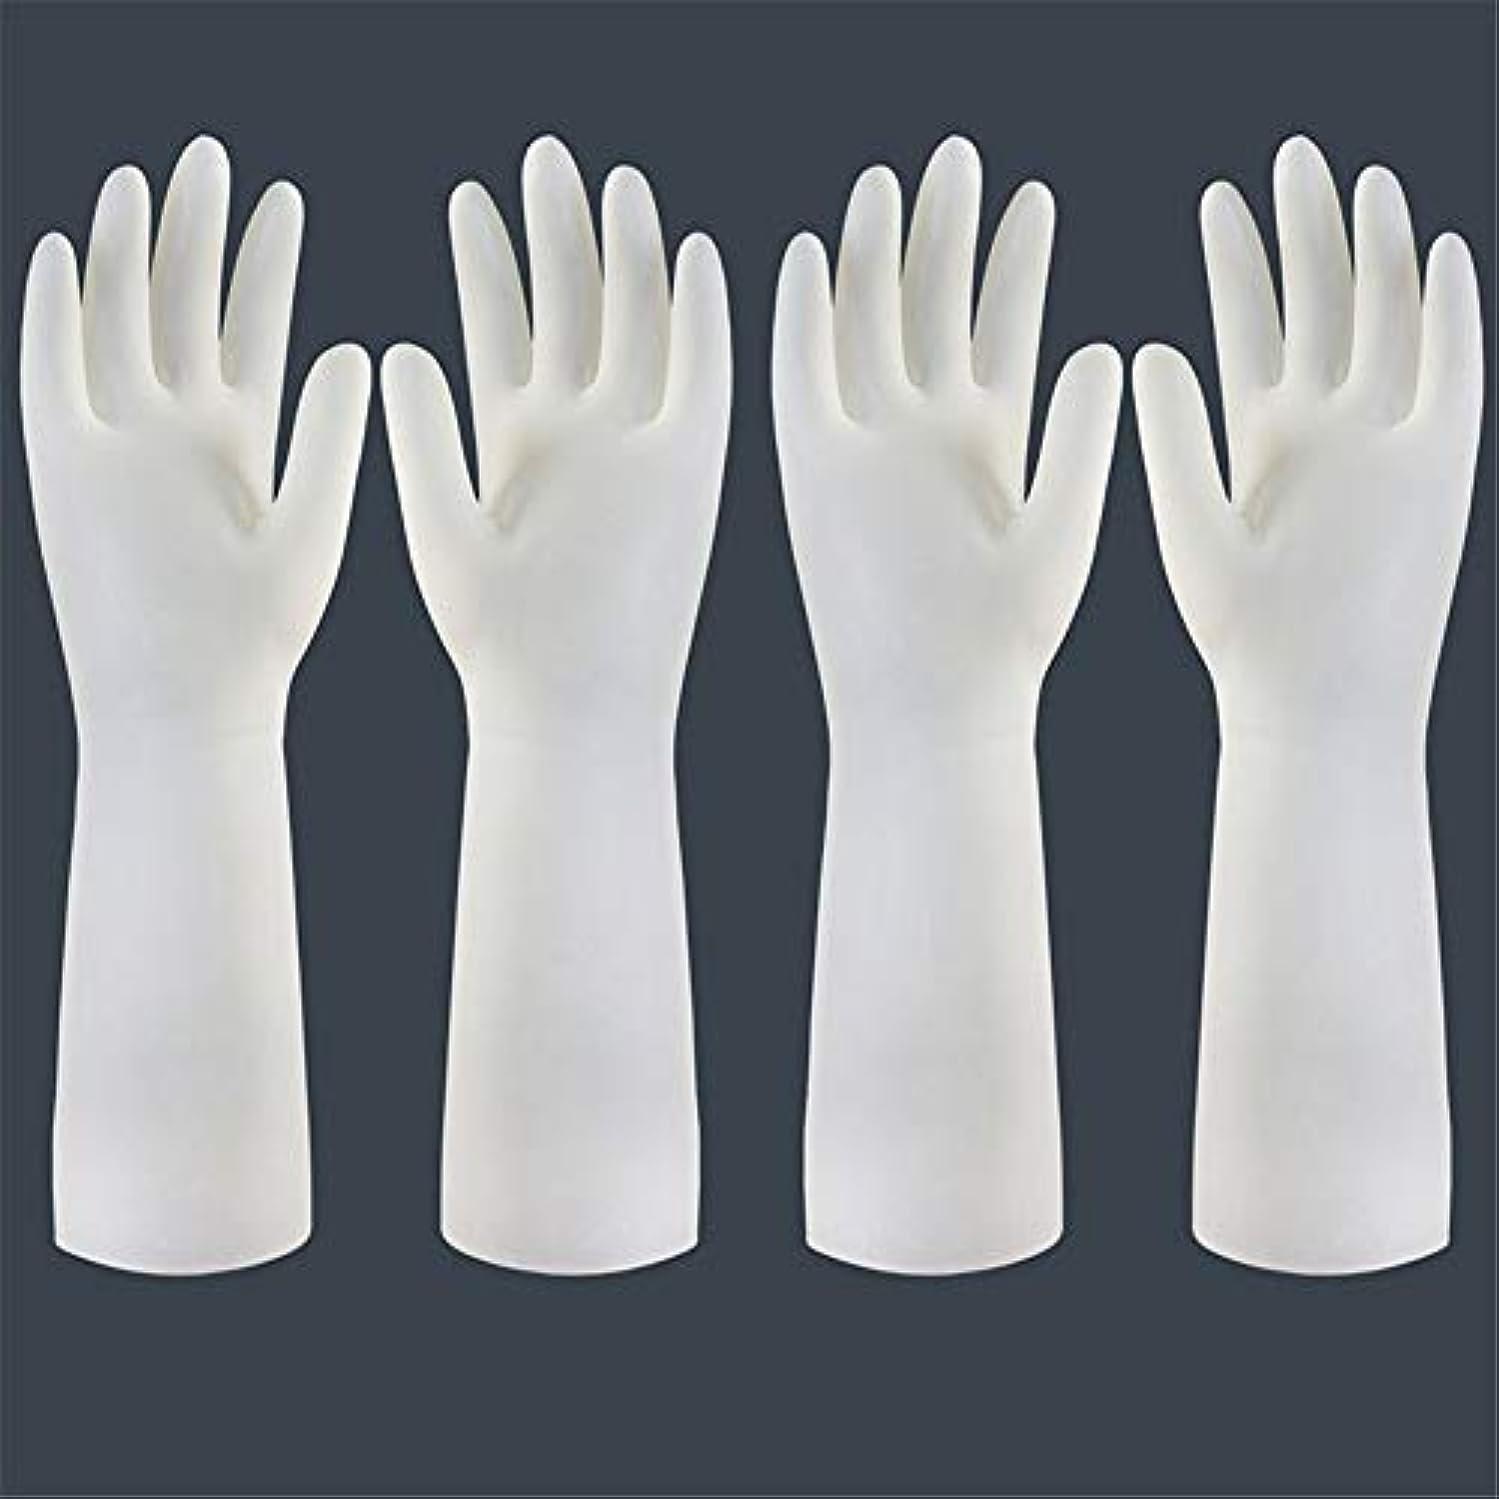 使い捨て手袋 使い捨て手袋の防水および耐久のゴム製台所手袋、小/中/大 ニトリルゴム手袋 (Color : Long-2 pair, Size : S)